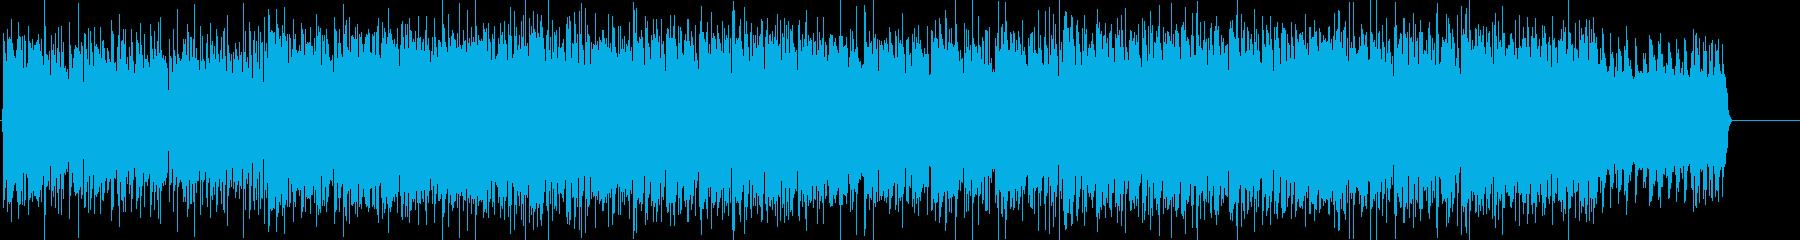 激しい 力強い 慌ただしい スピードの再生済みの波形